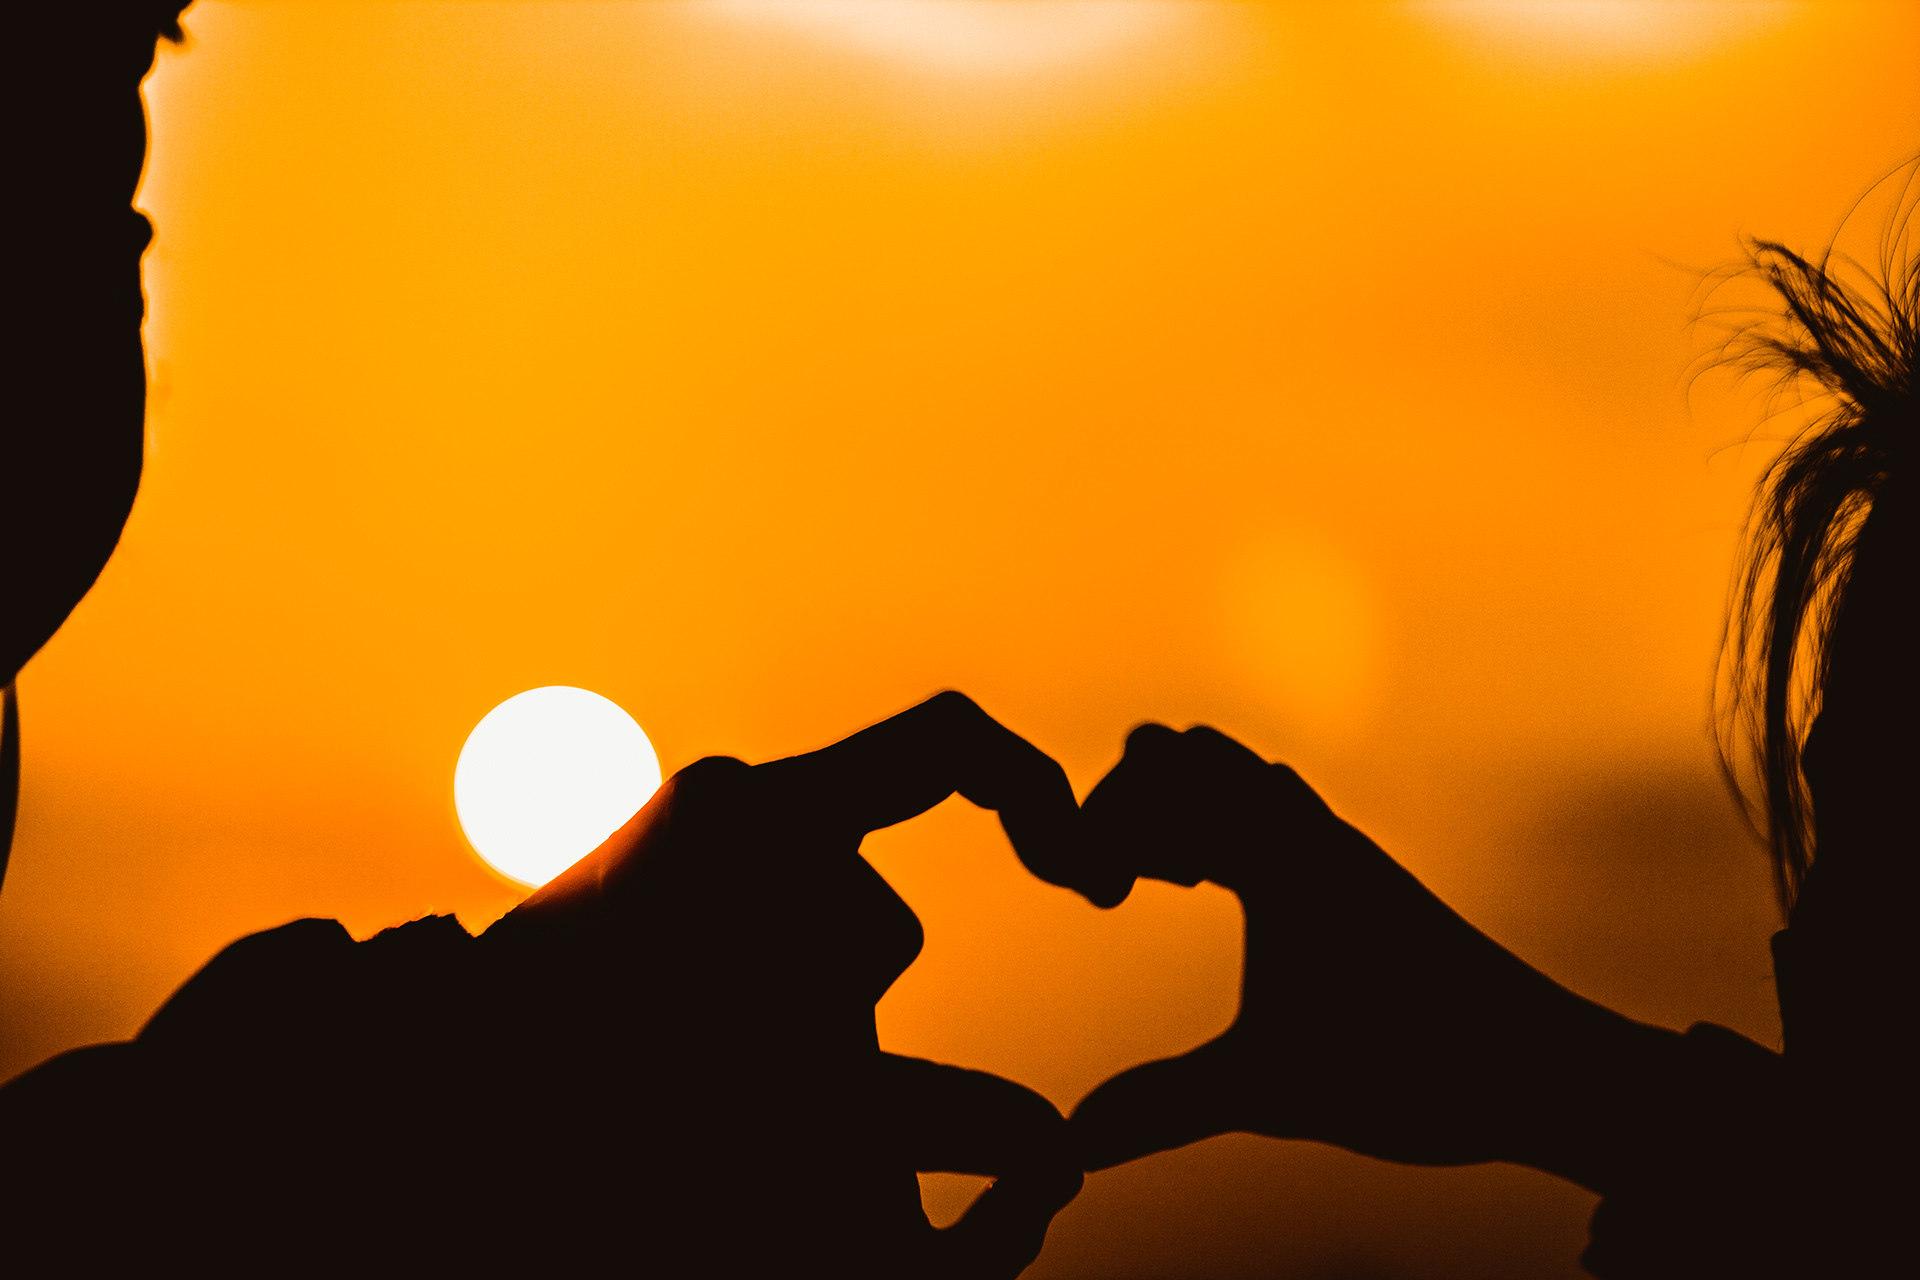 人们说日出海和黄昏海最美 一个是平静祥和 一个是浪漫柔和